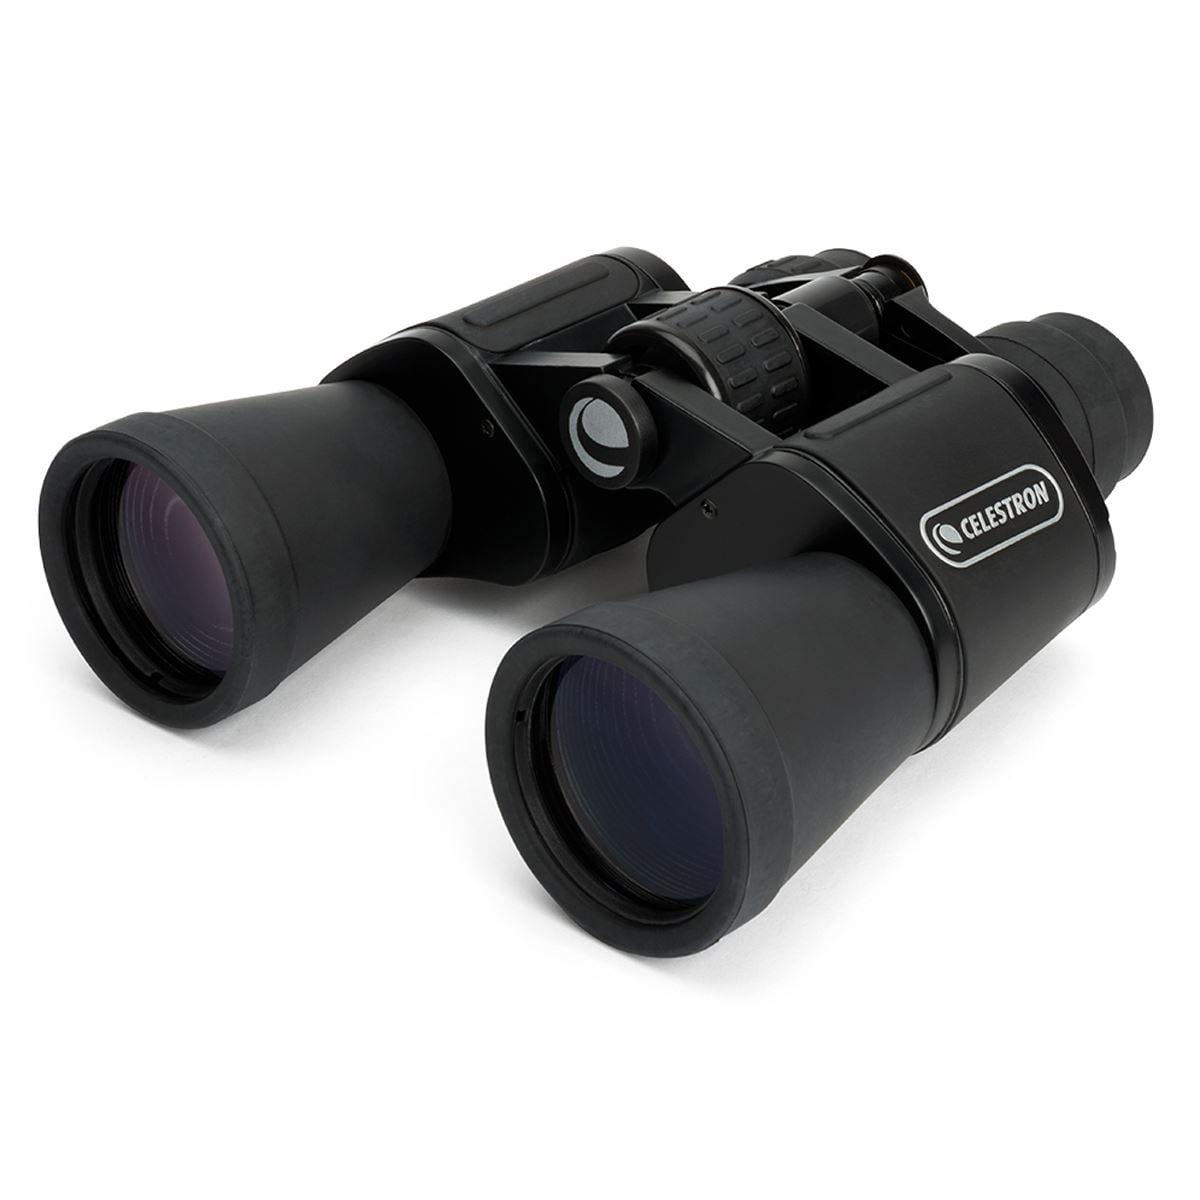 Binocular Celestron Upclose G210-30